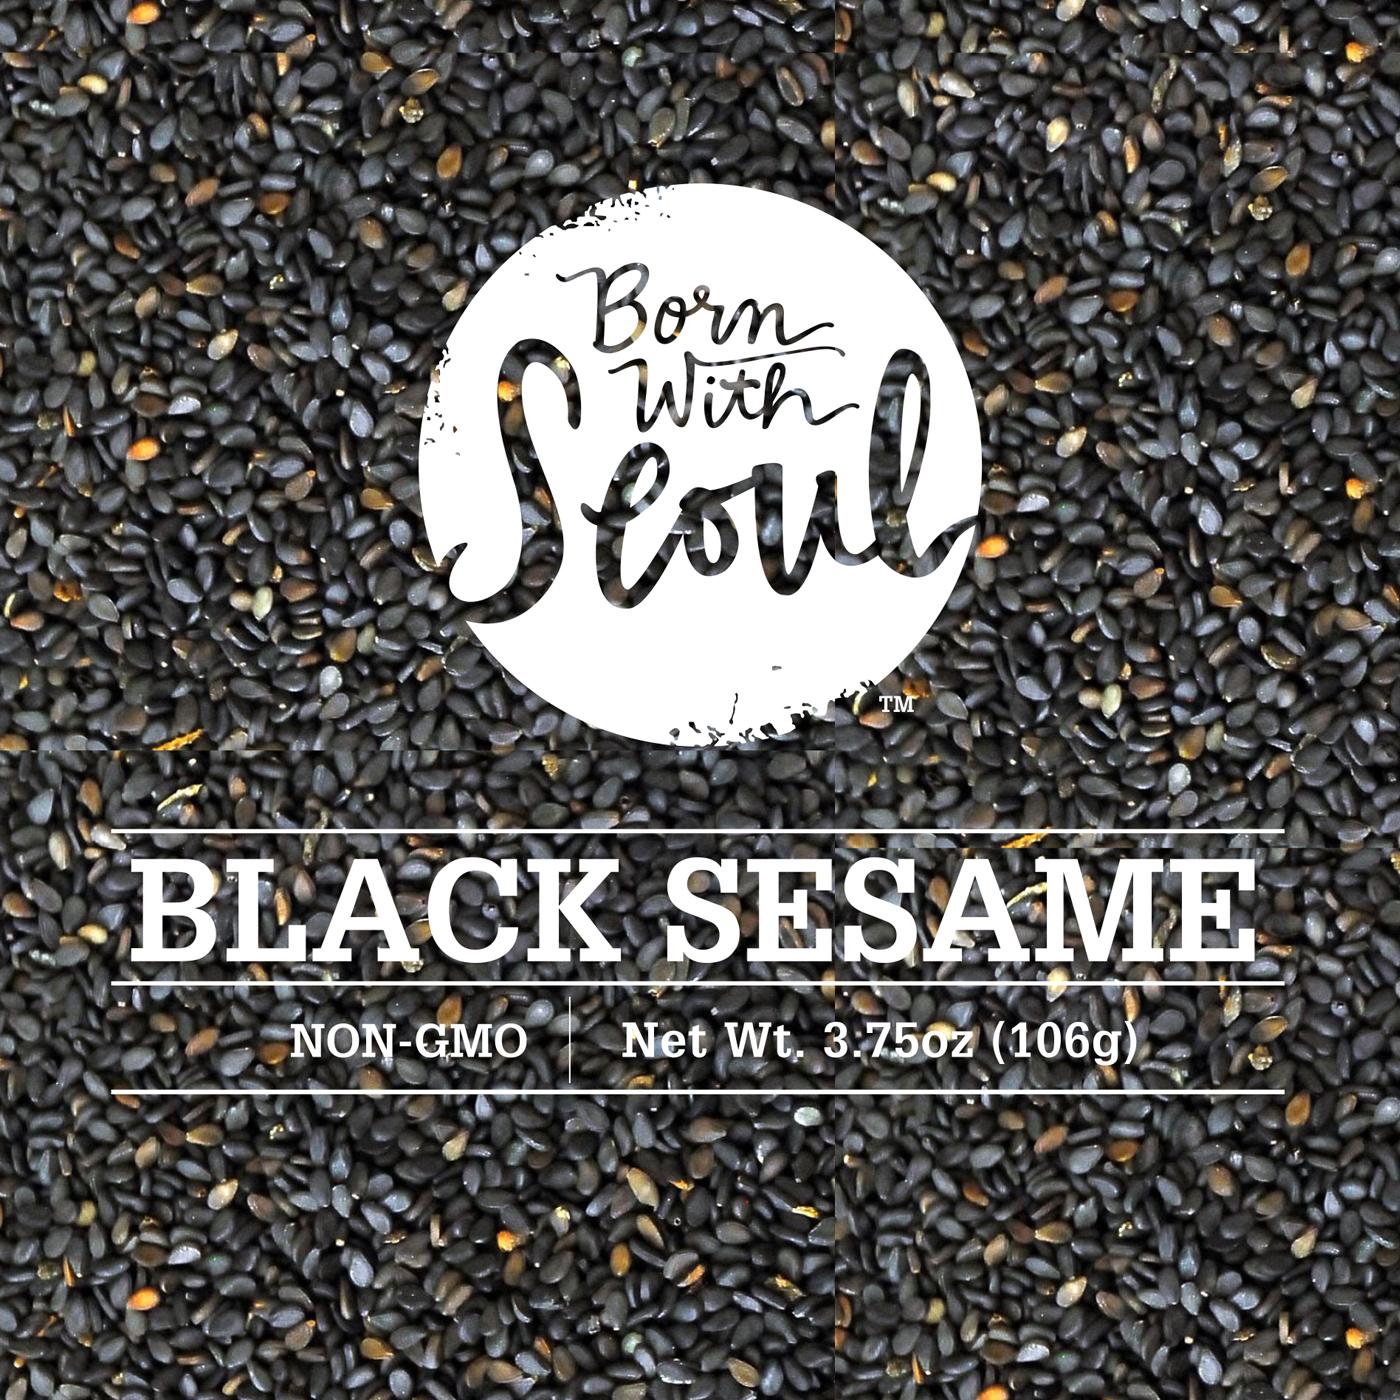 BlackSesame-2018.jpg